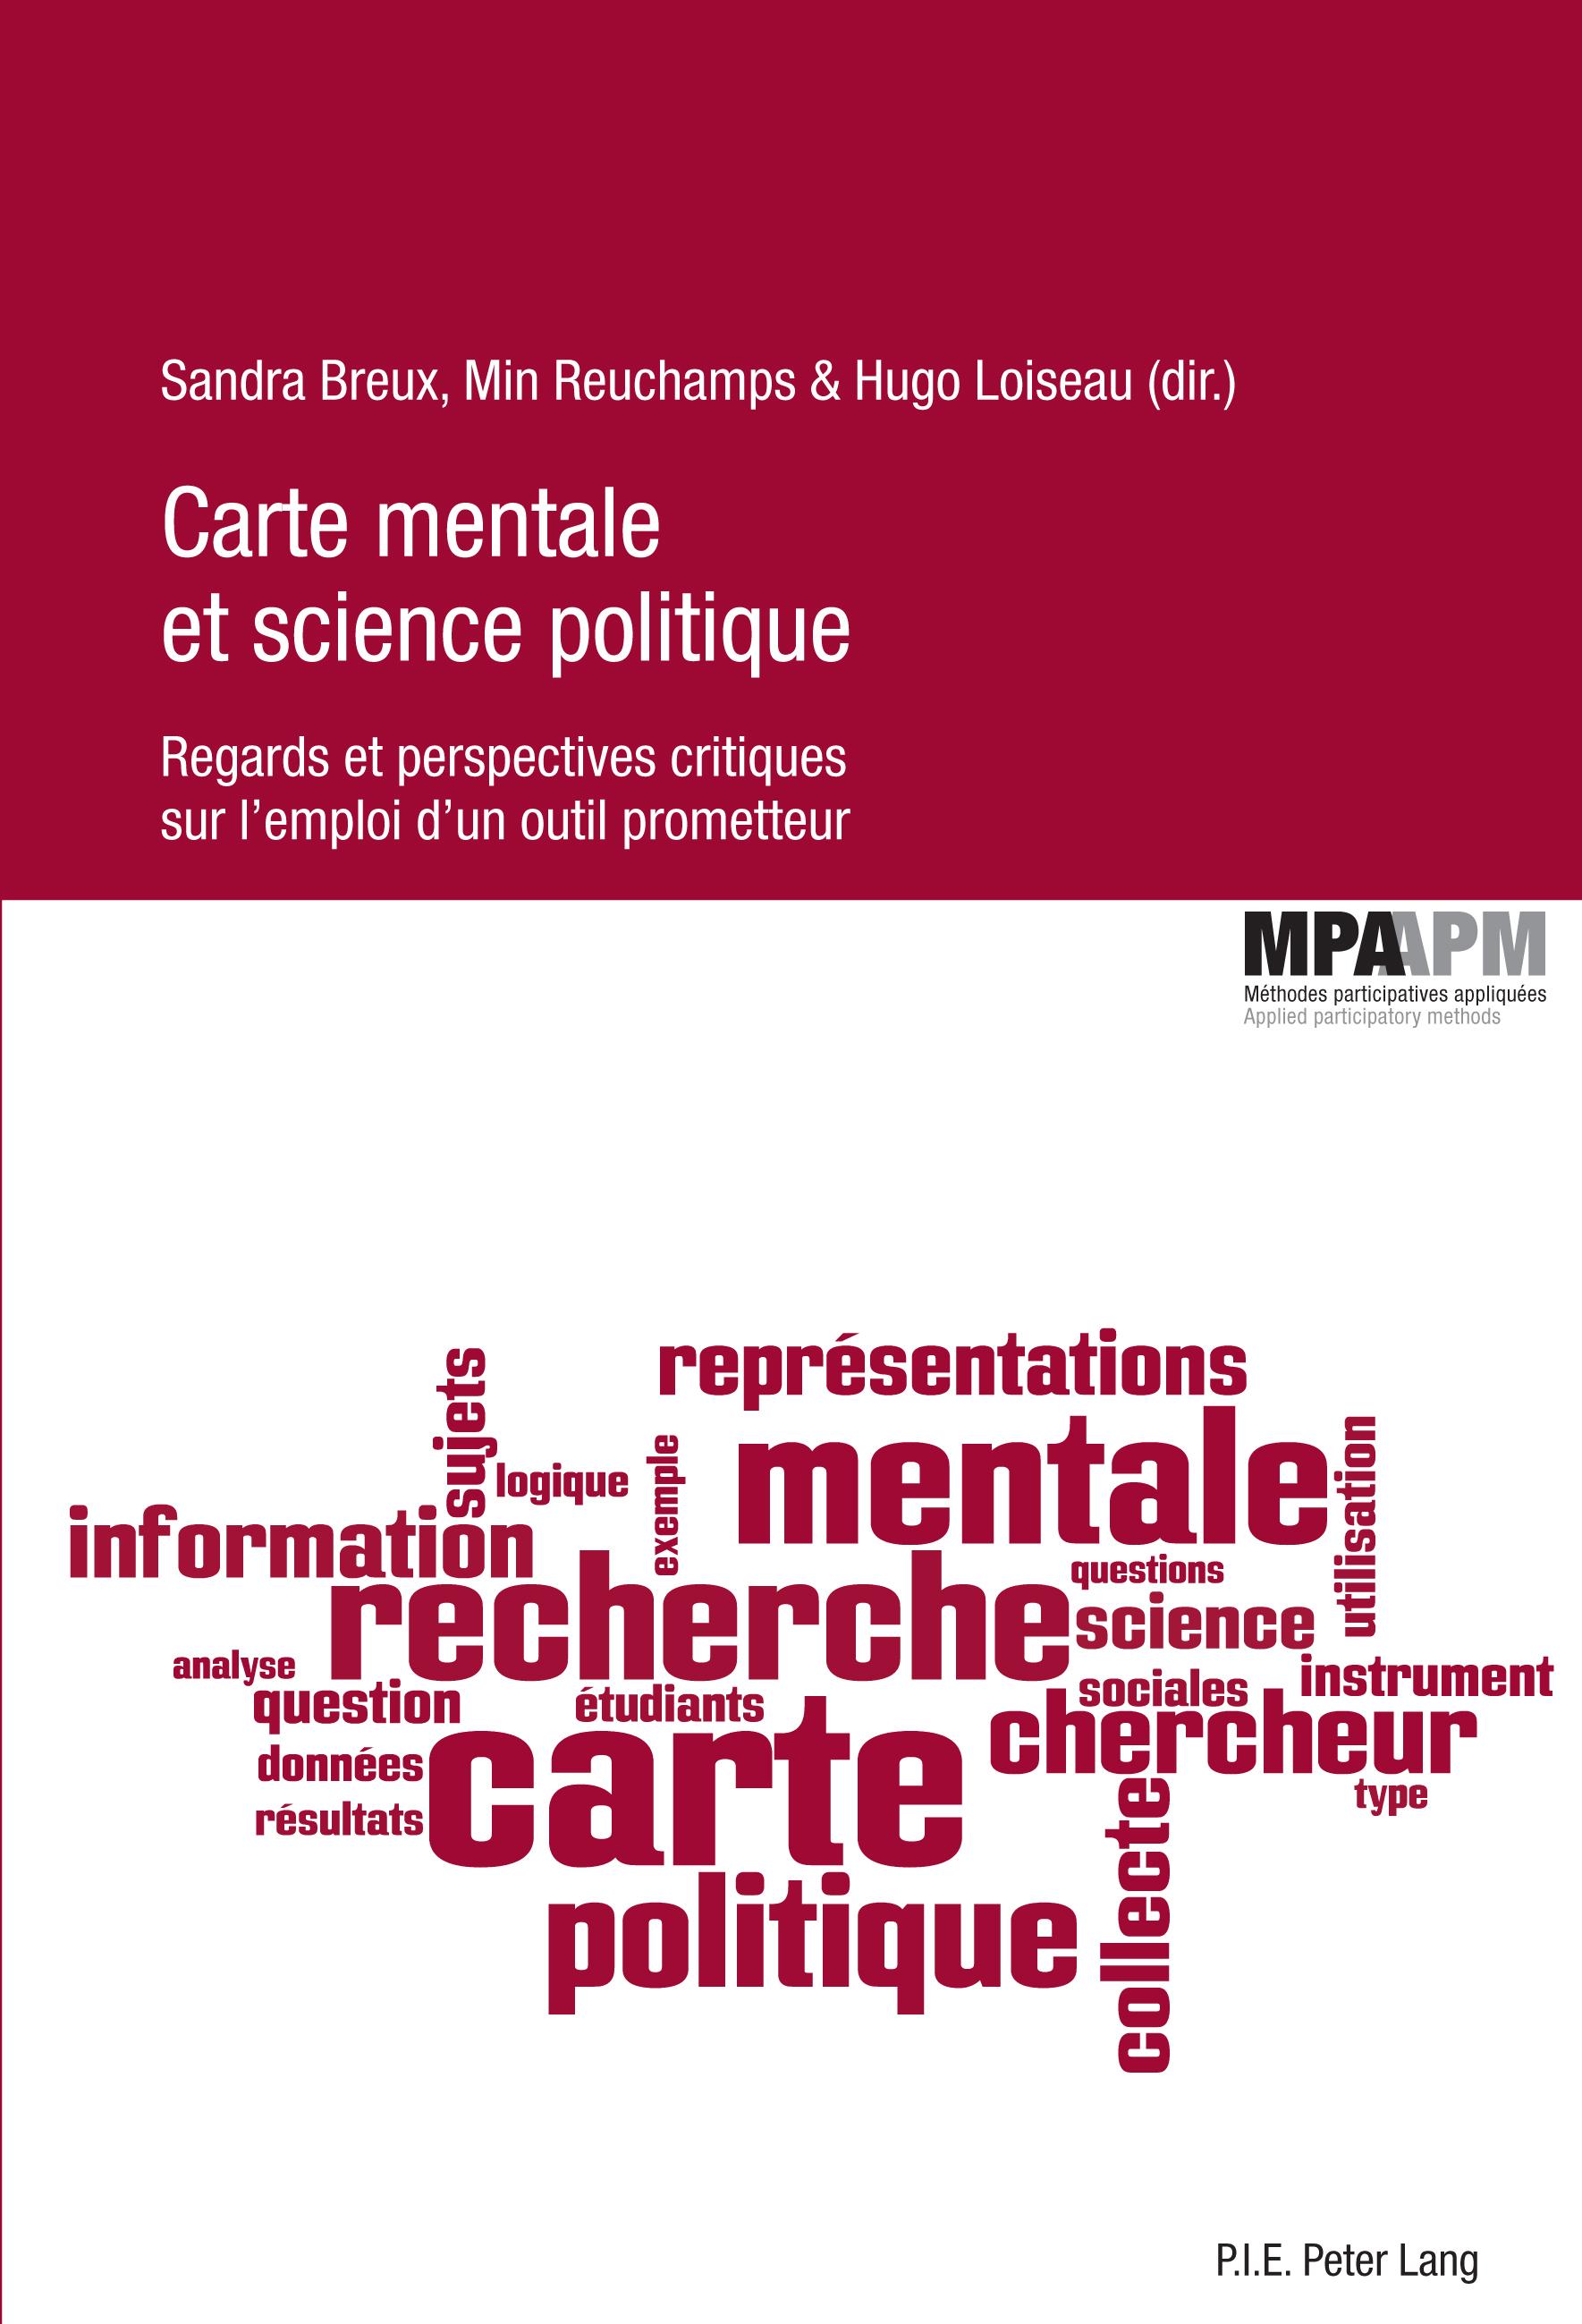 CARTE MENTALE ET SCIENCE POLITIQUE